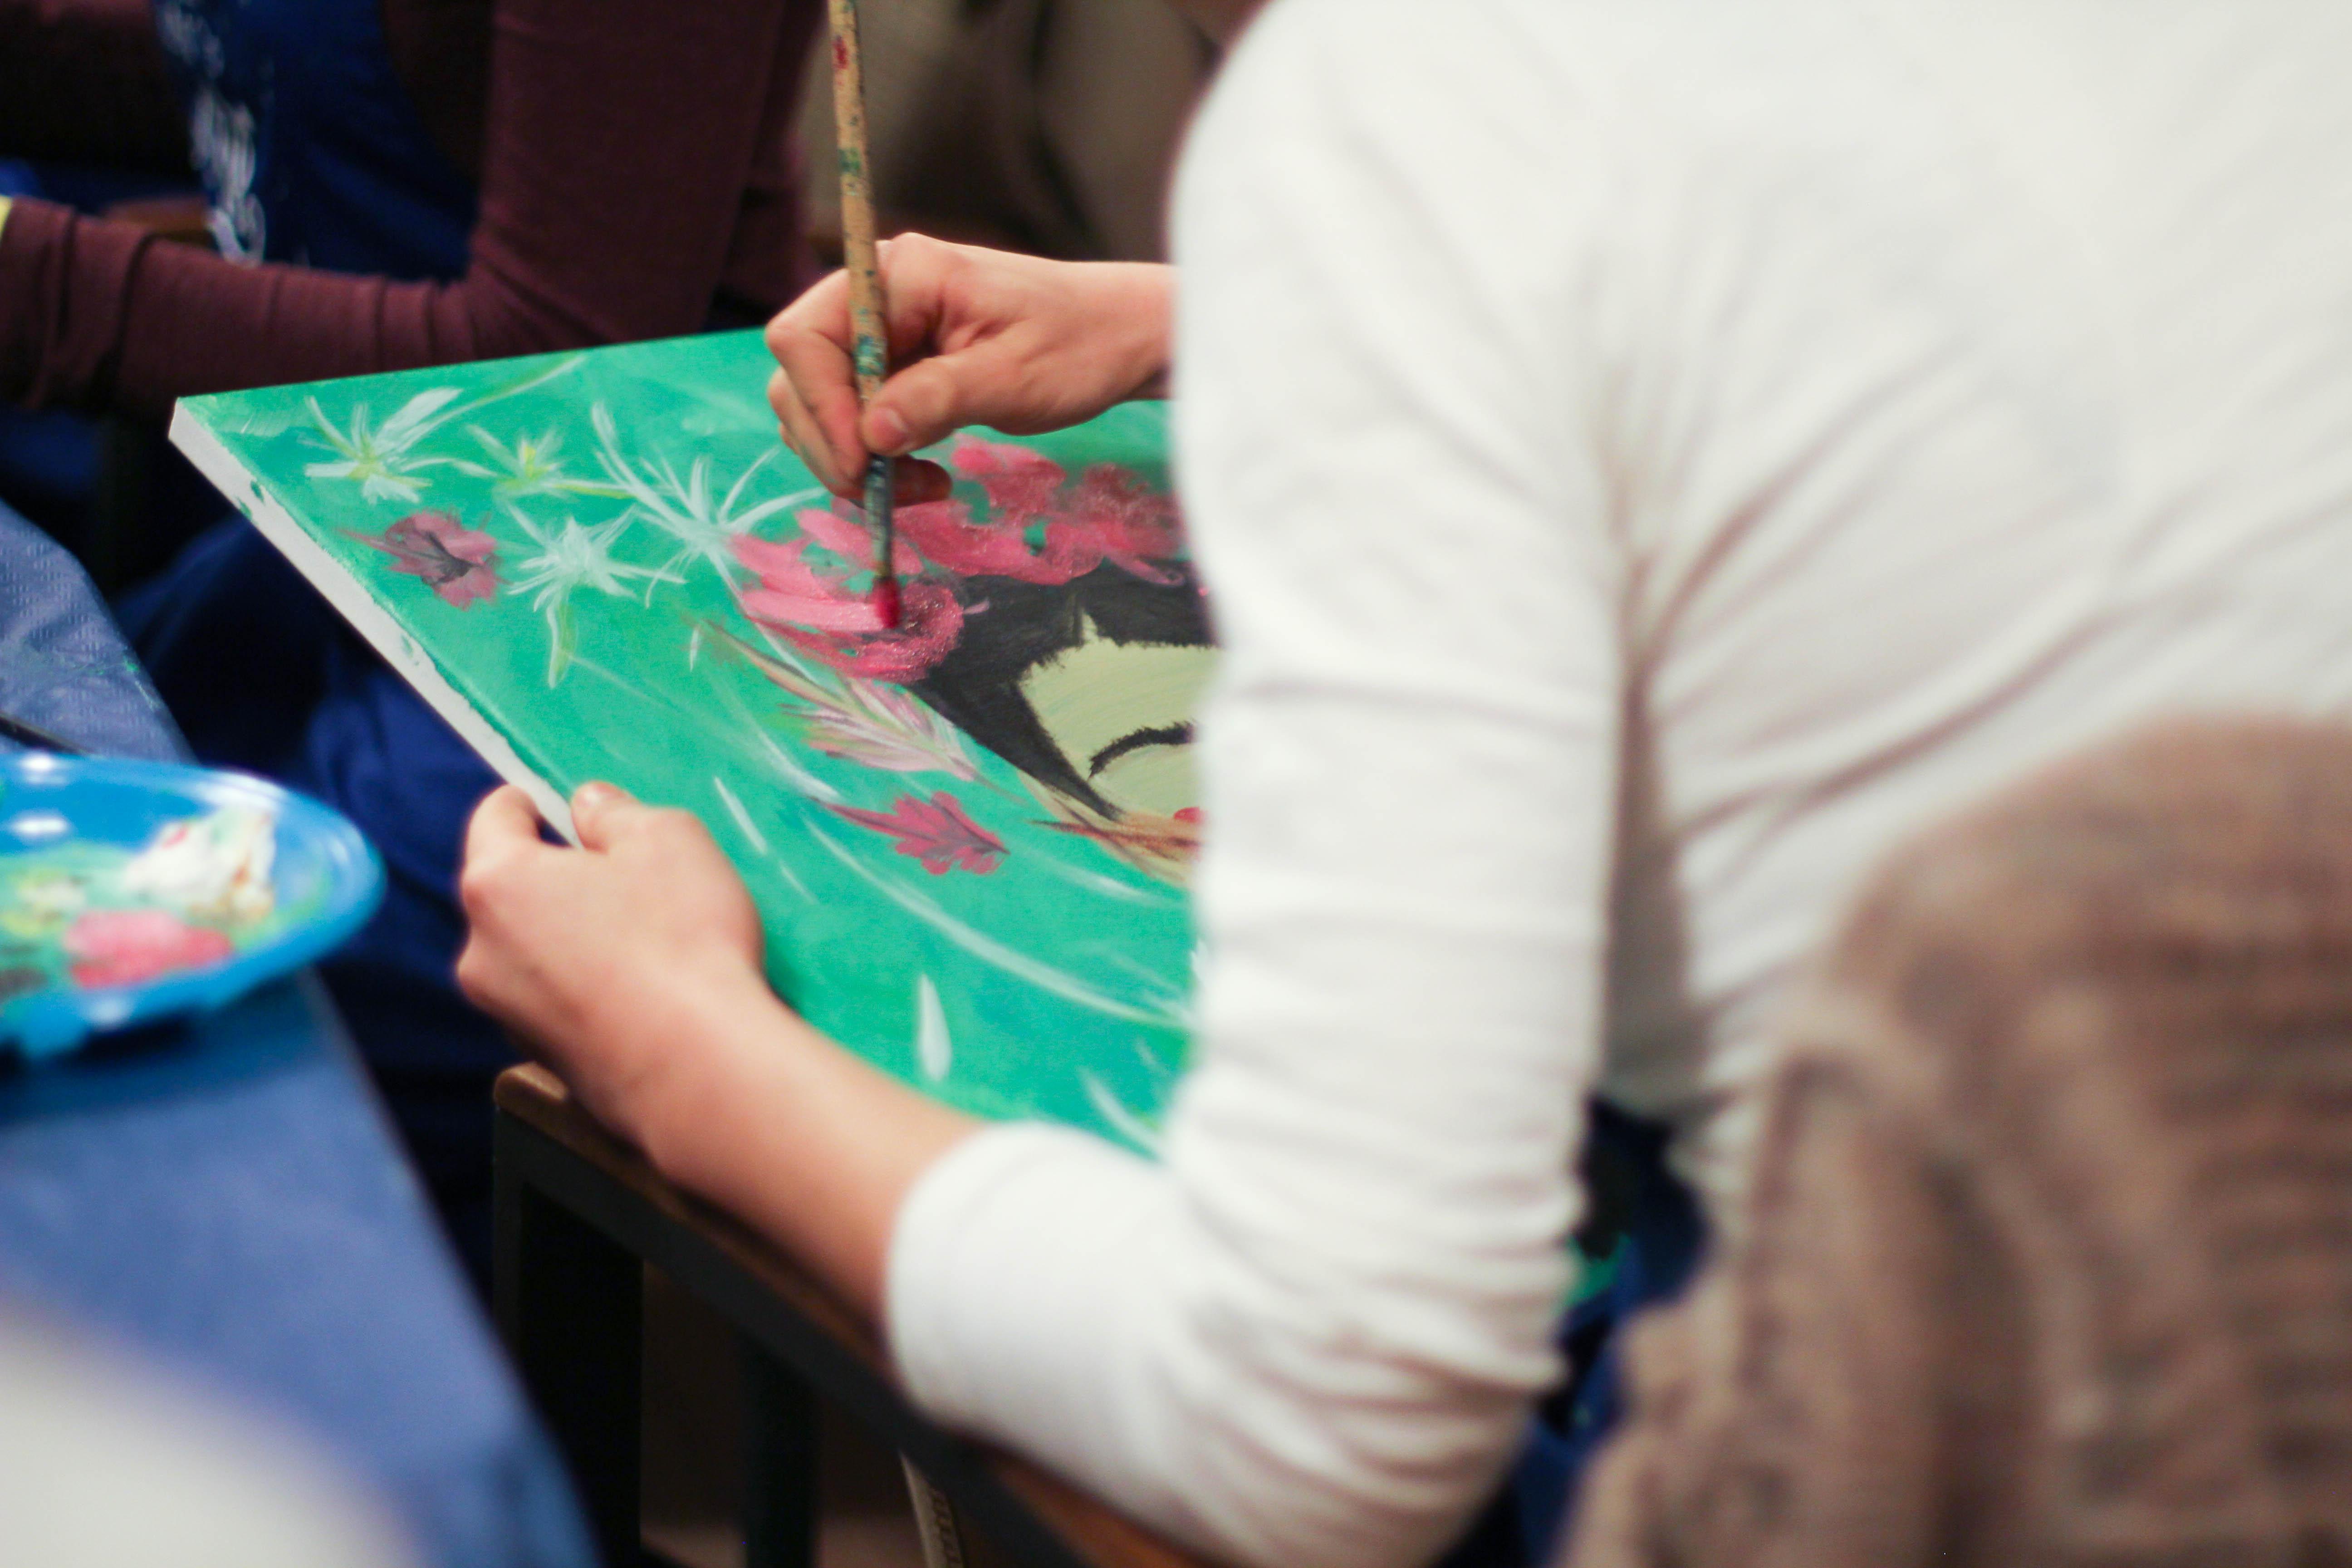 Aprende a pintar con pintura acr lica paso a paso - Tonos de pintura ...